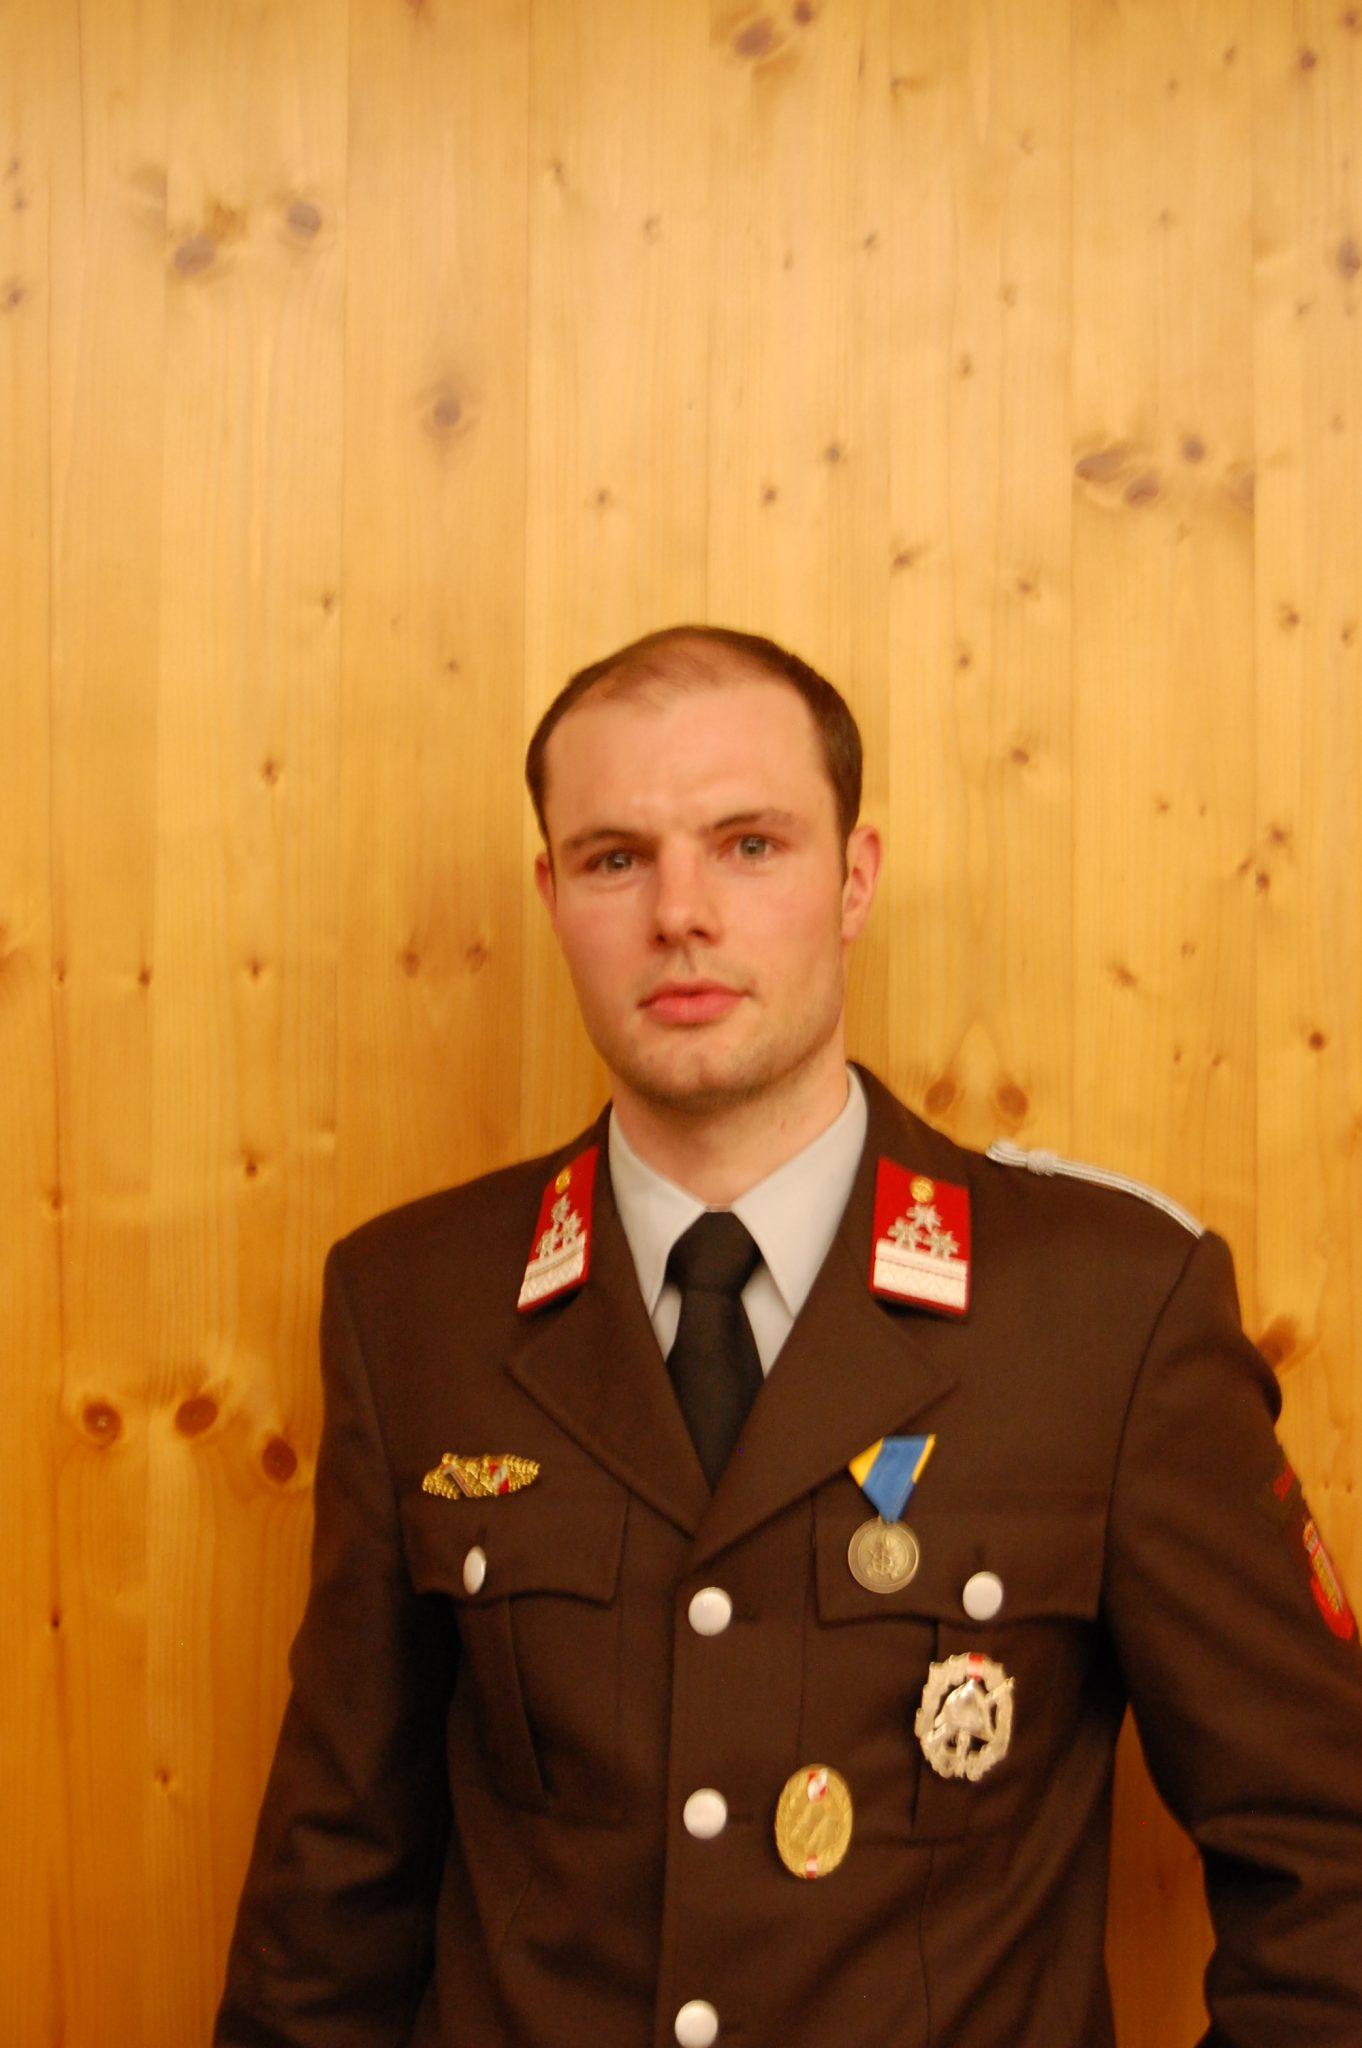 Profilbild von HBM Bernhard Sergl